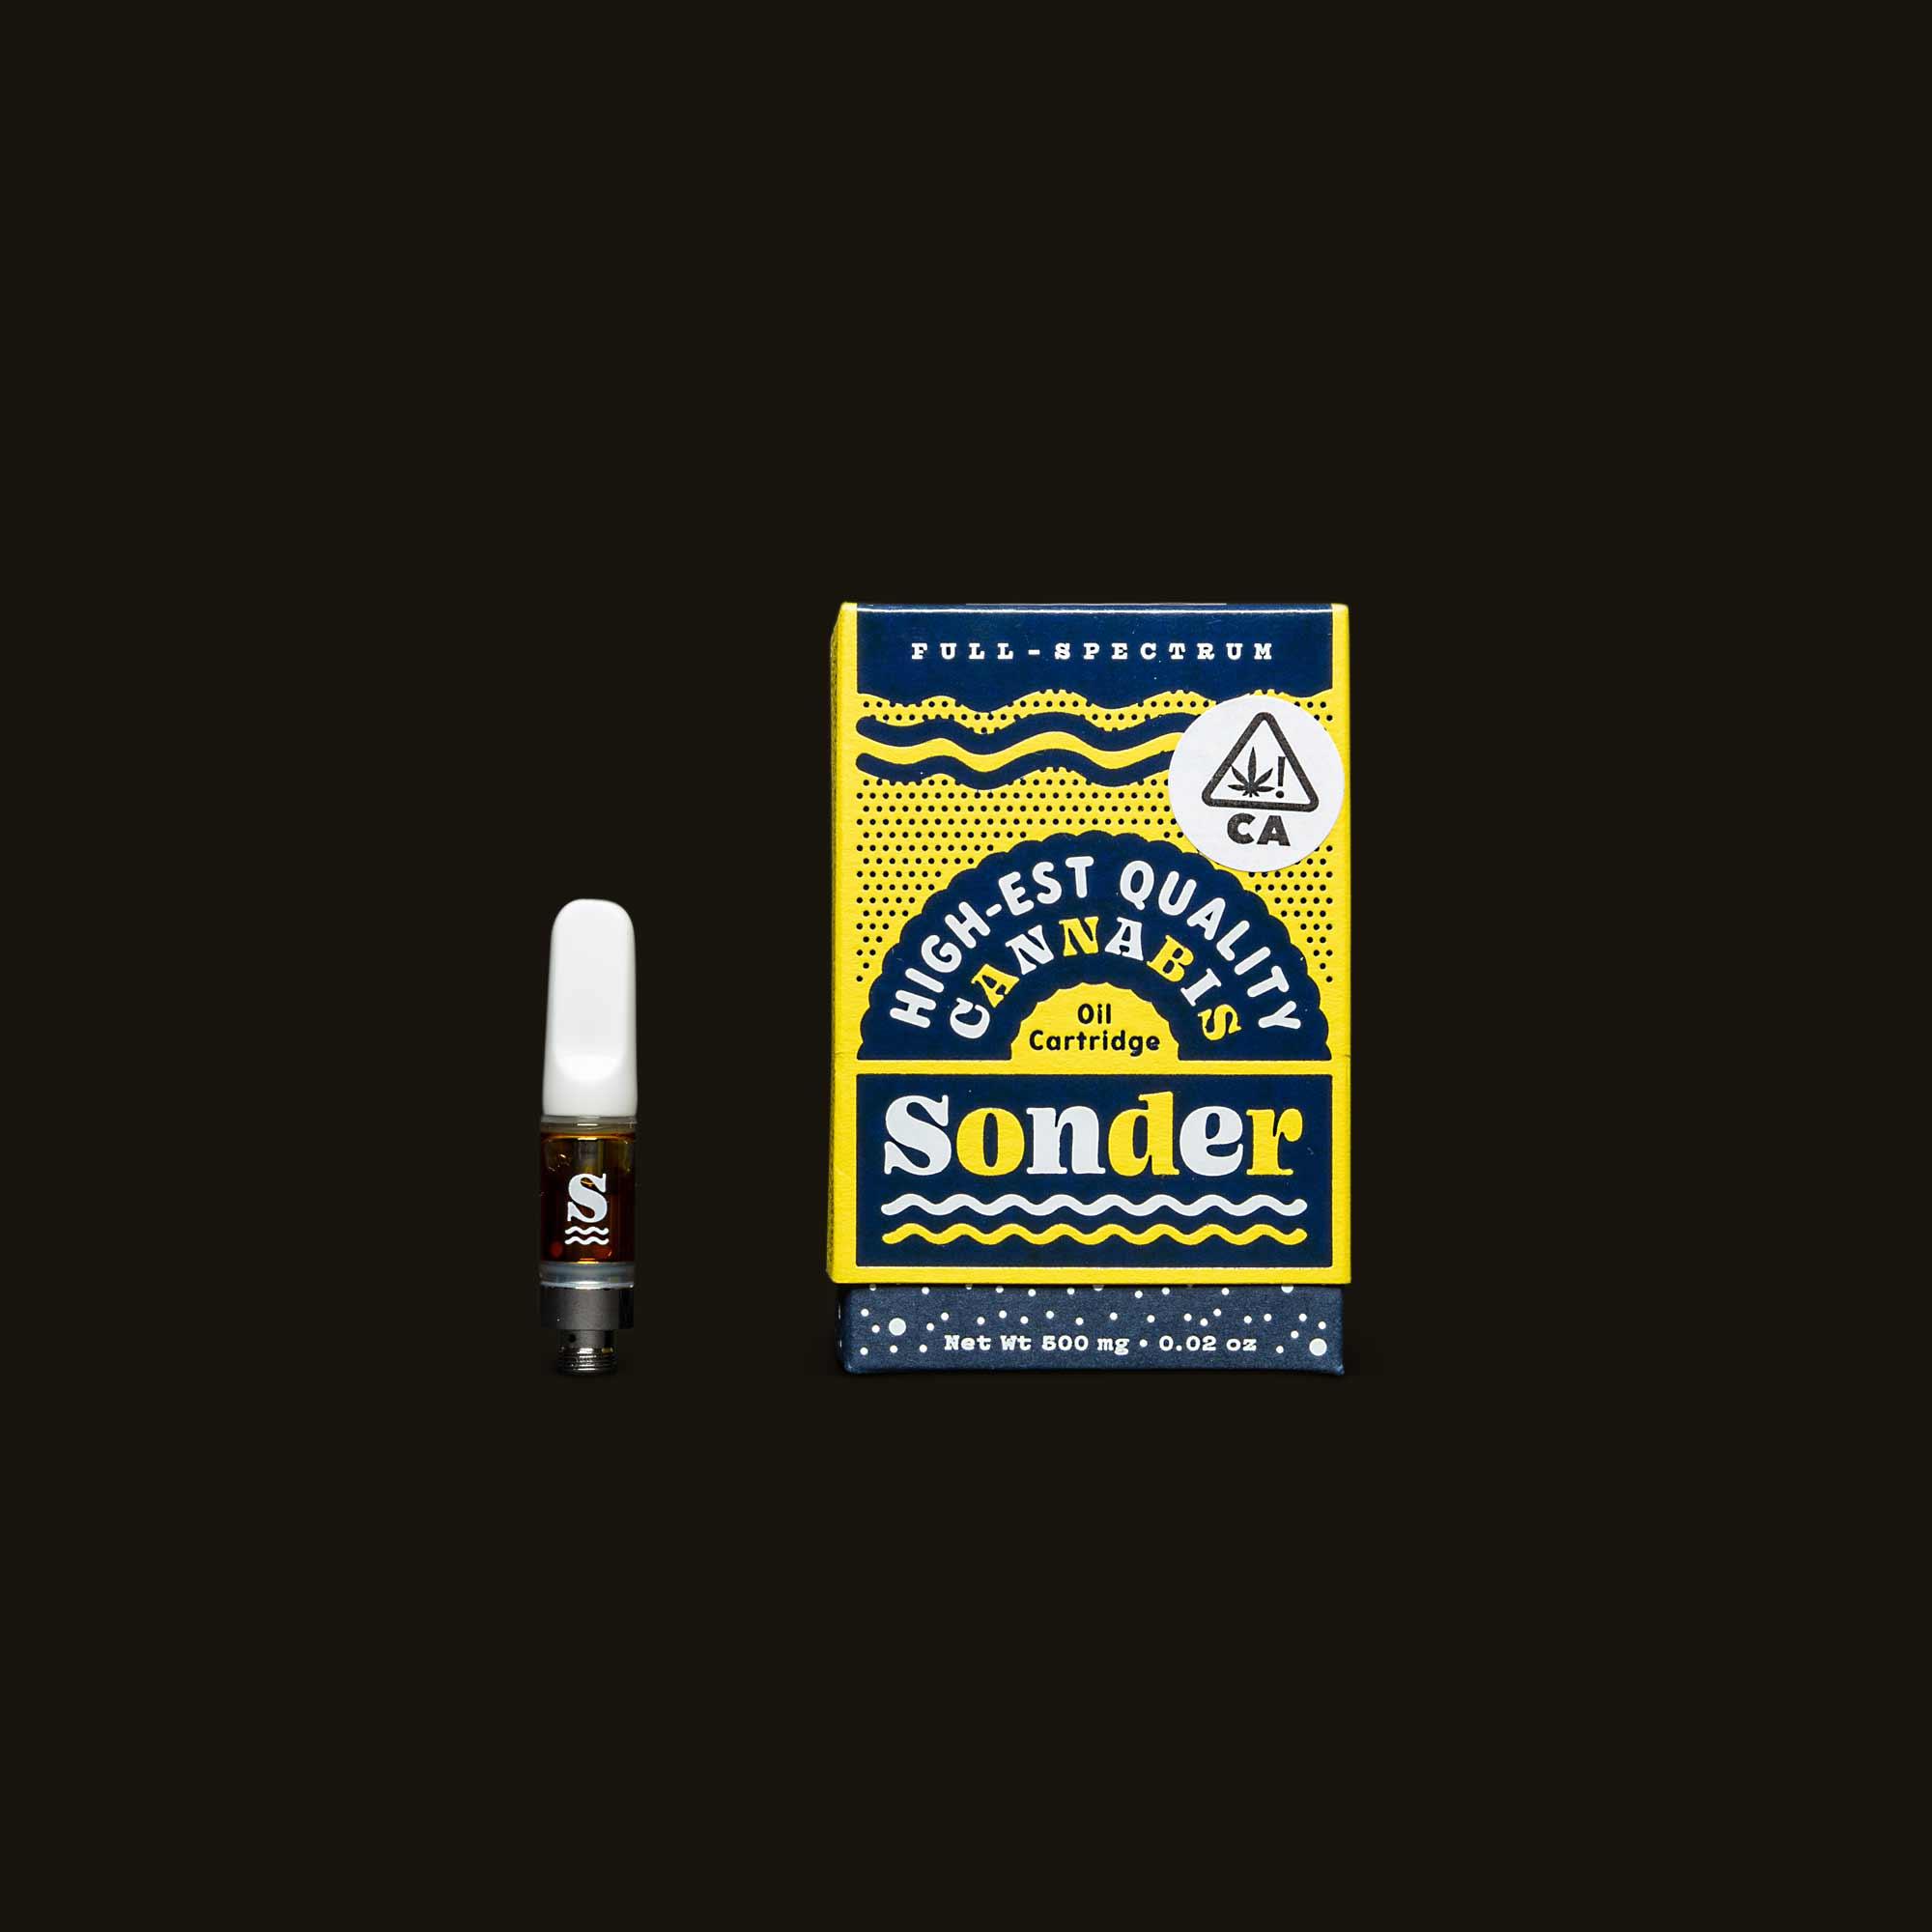 Sonder G.S. Cookies Cartridge